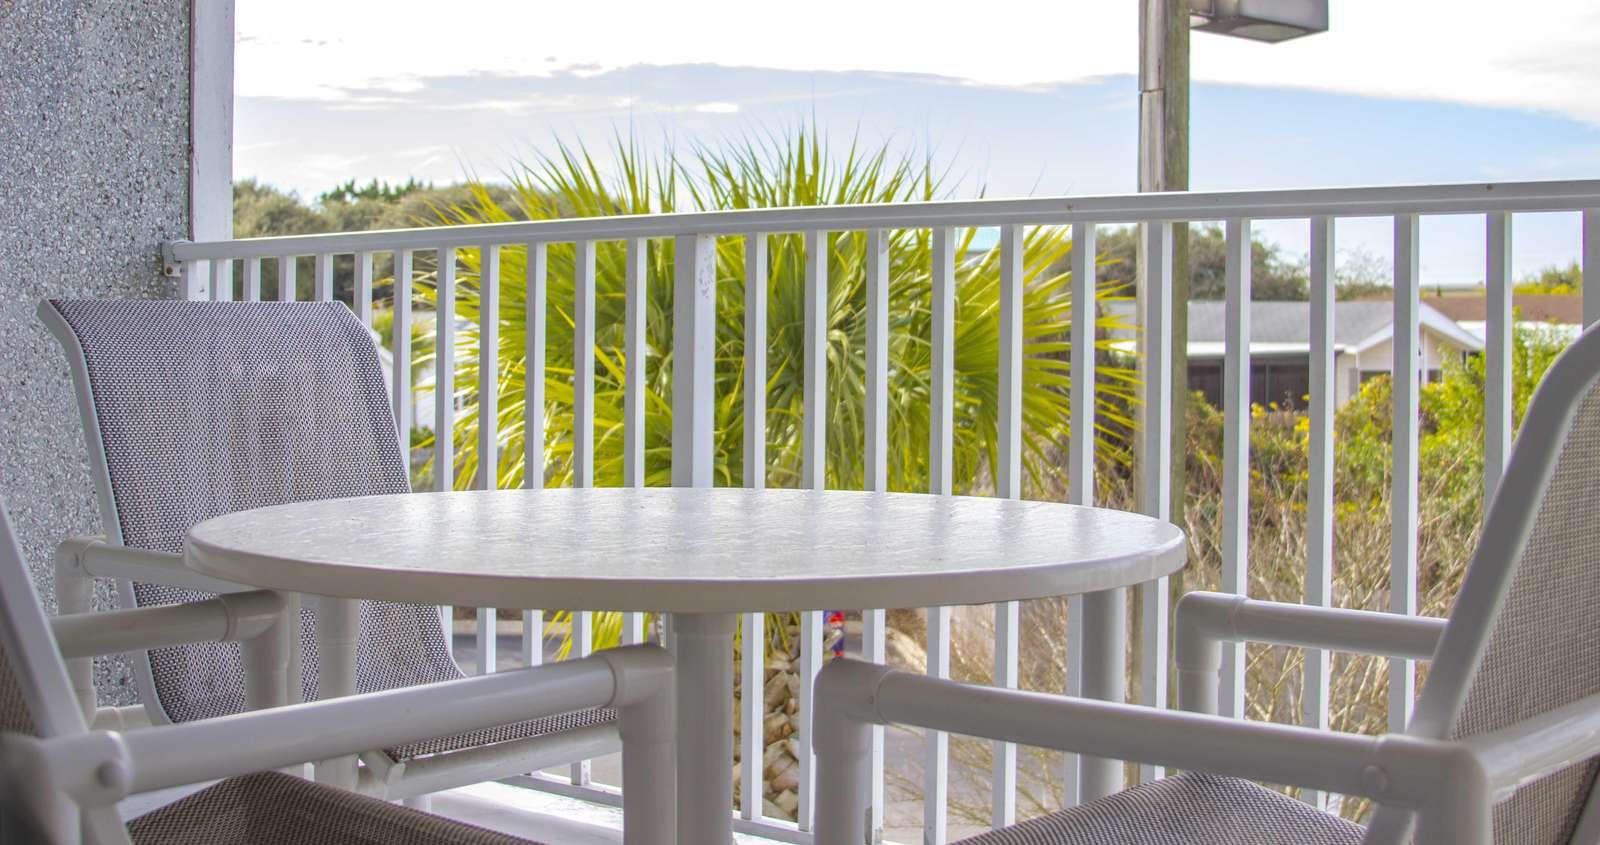 Hibiscus I201 Balcony